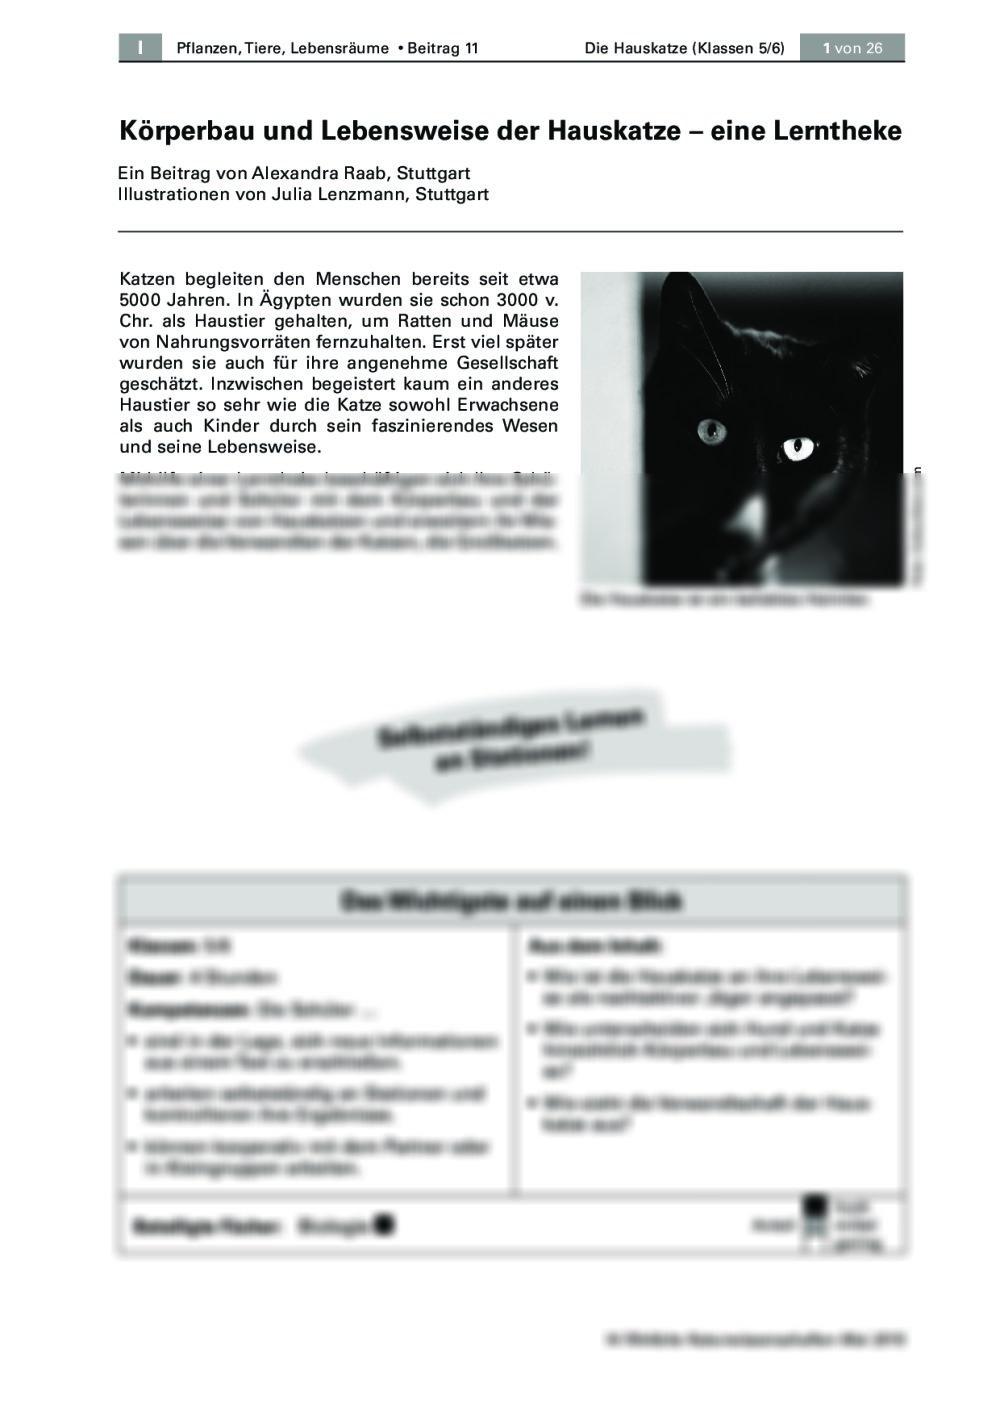 Die Hauskatze - Seite 1